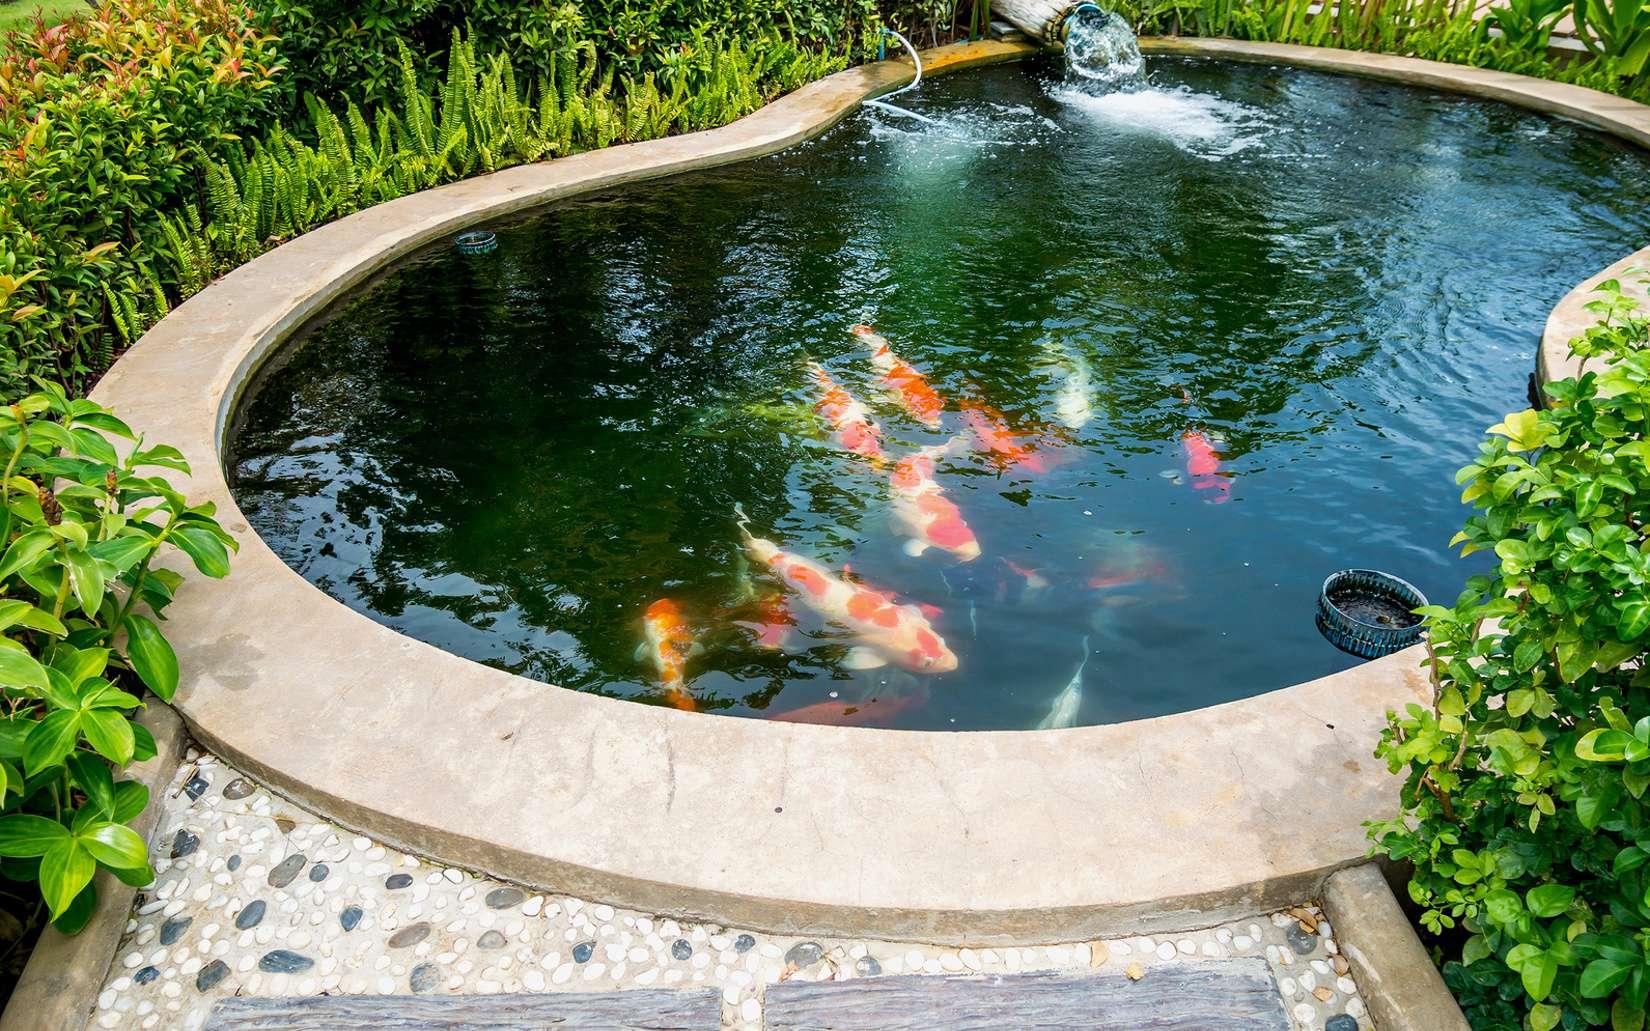 Bassin A Poisson Rouge bassin de jardin : quand introduire des poissons ?